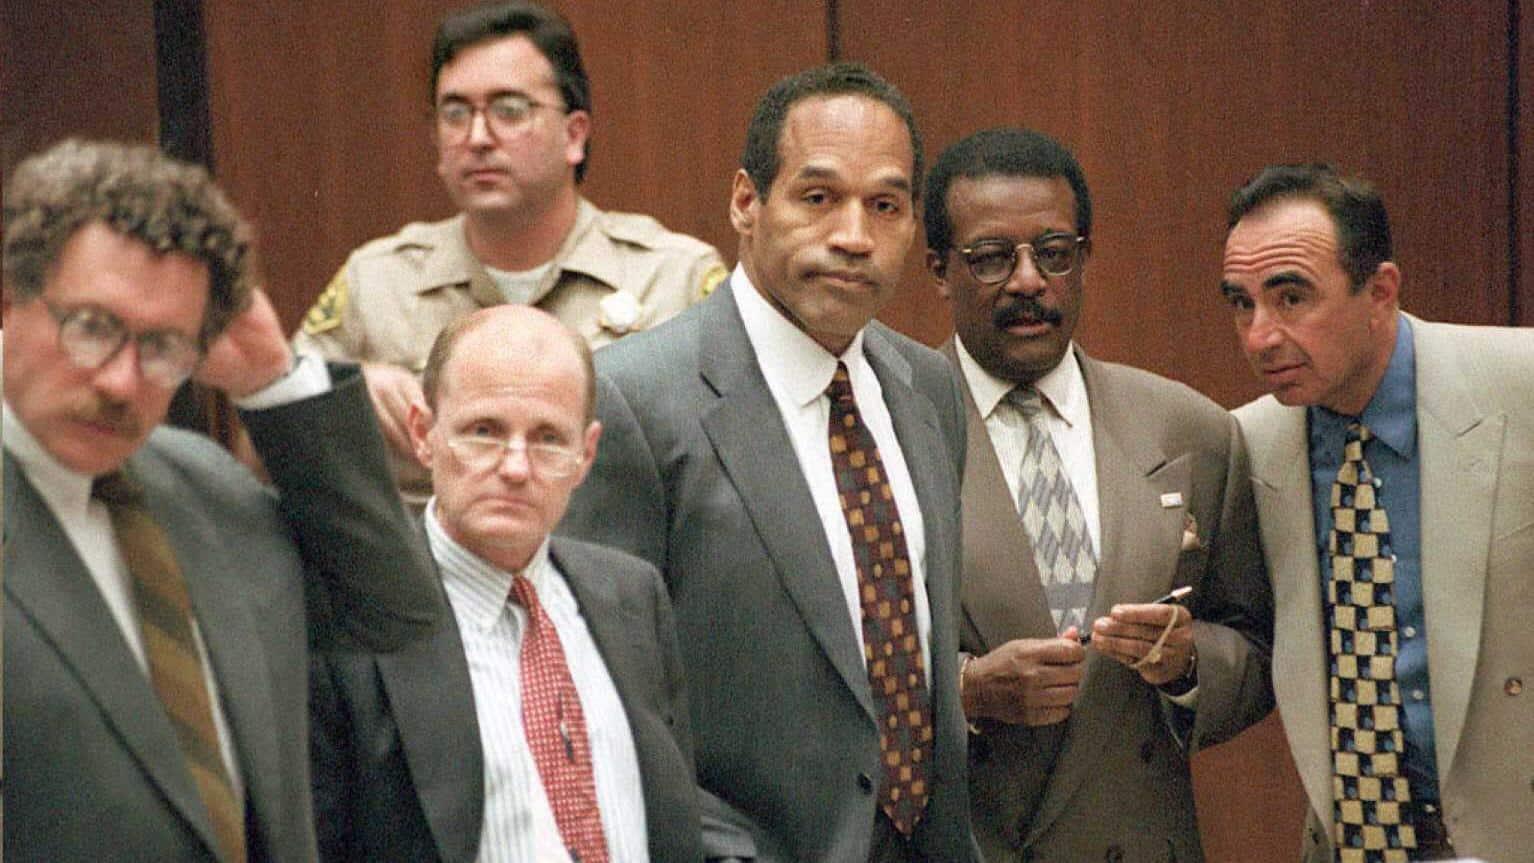 O.J.: Made in America; Zdroj: espn.com